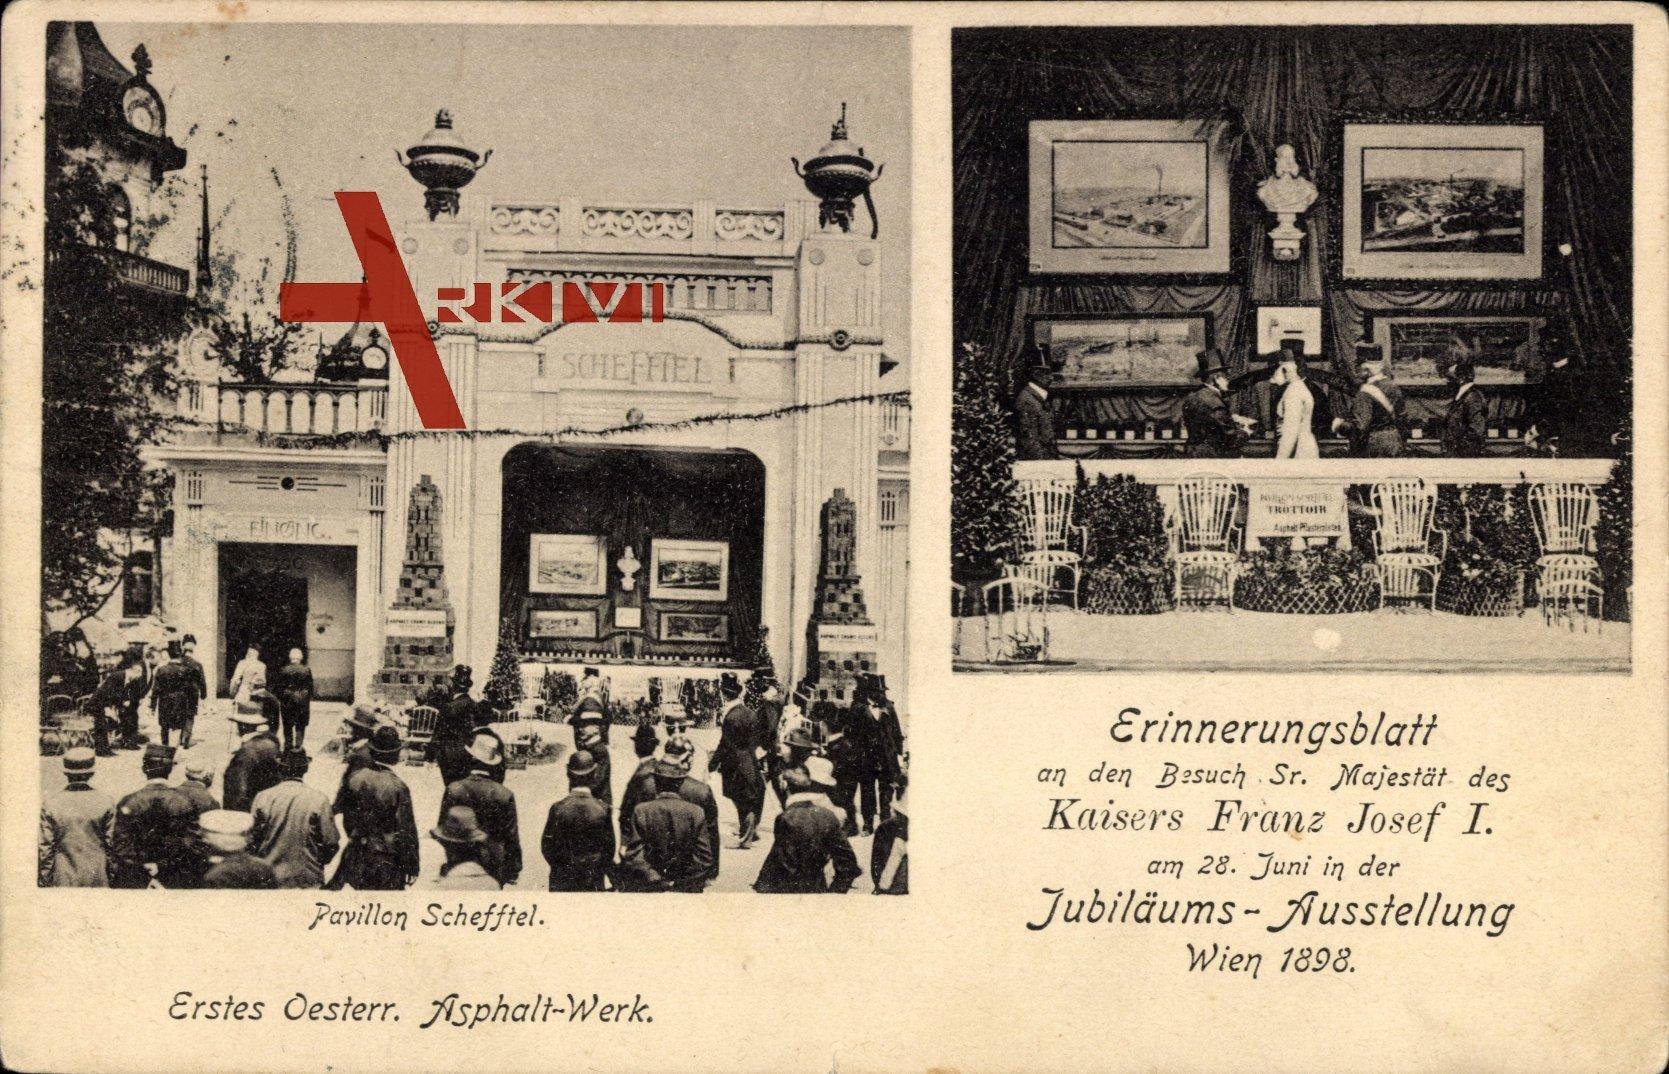 Wien, Kaiser Franz Josef I, Jubiläumsausstellung 1898, Pavillon Schefftel